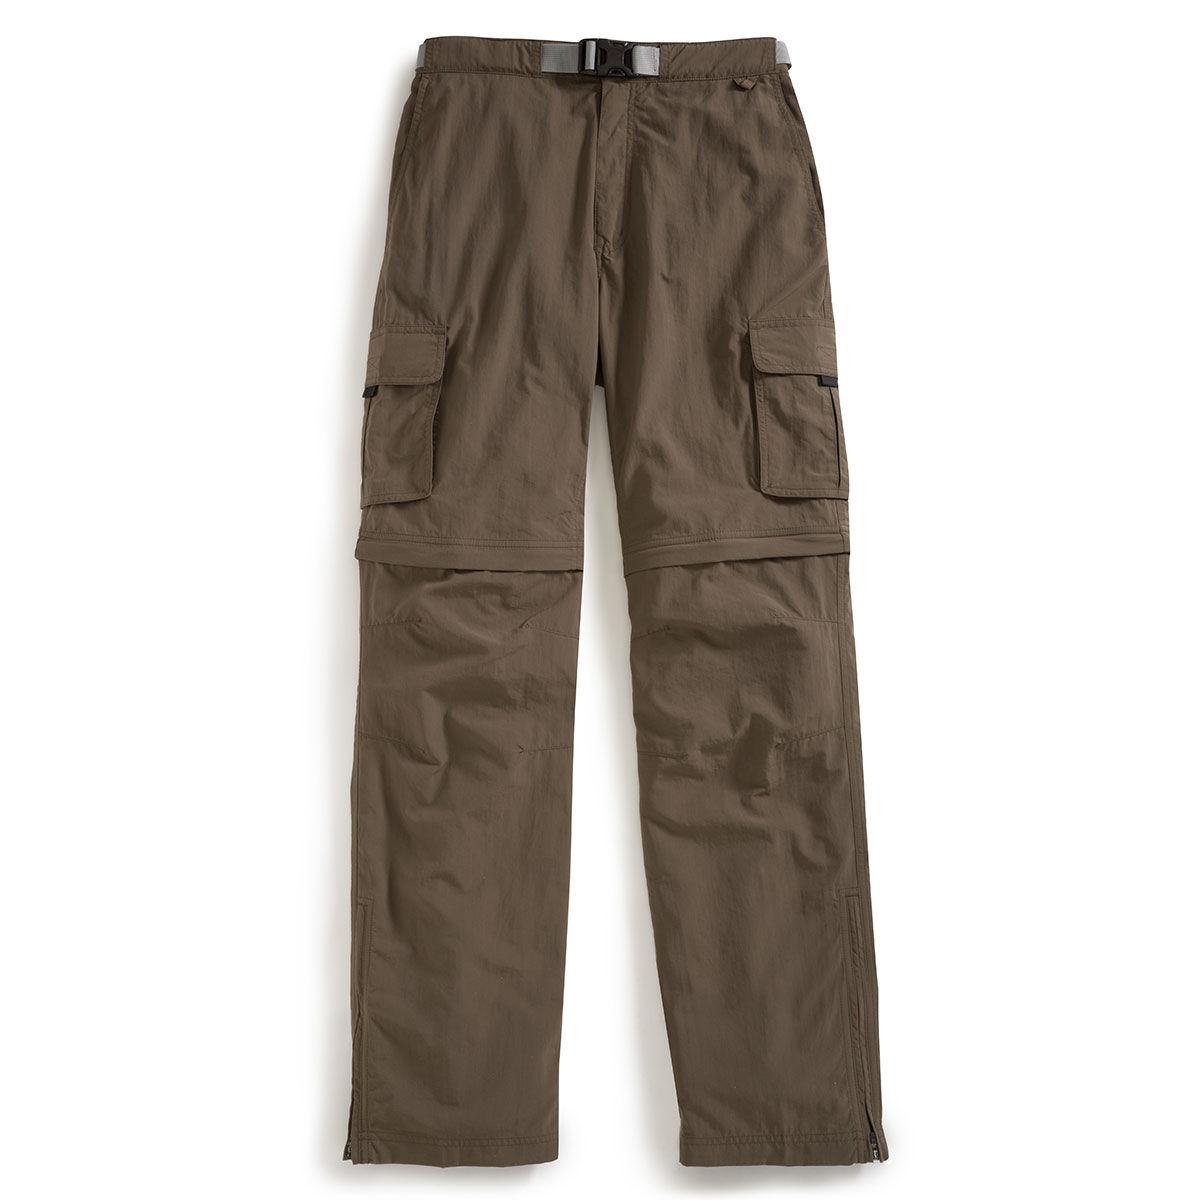 EMS Camp Cargo Zip-Off Pants